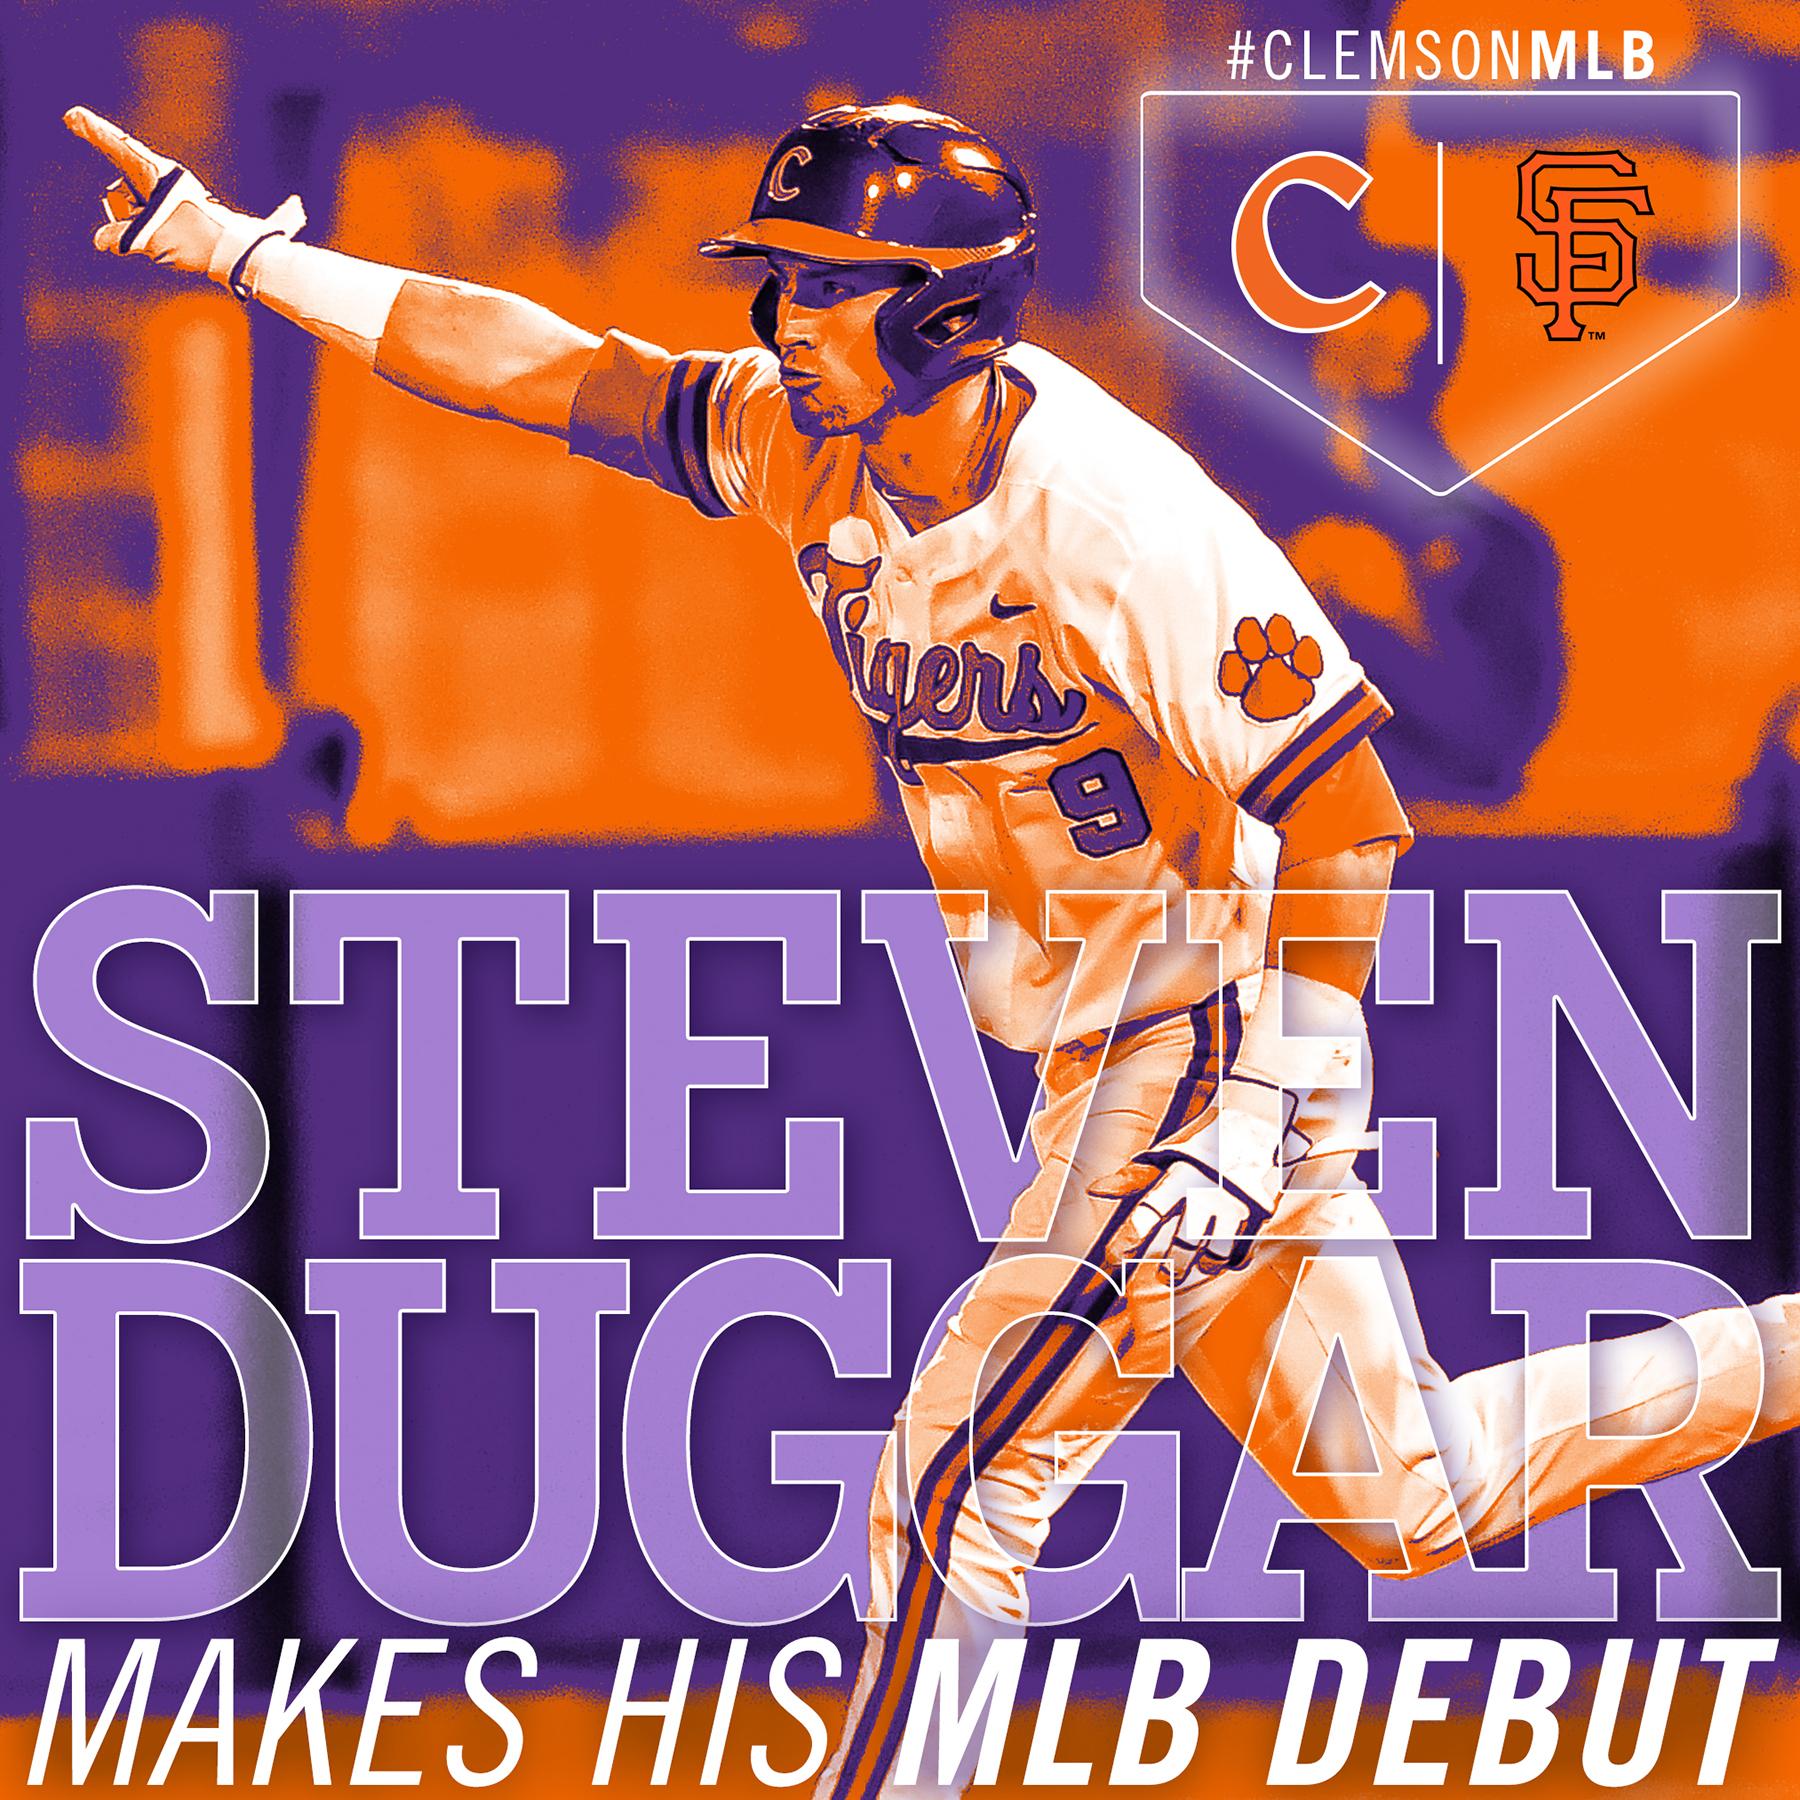 Duggar Makes MLB Debut